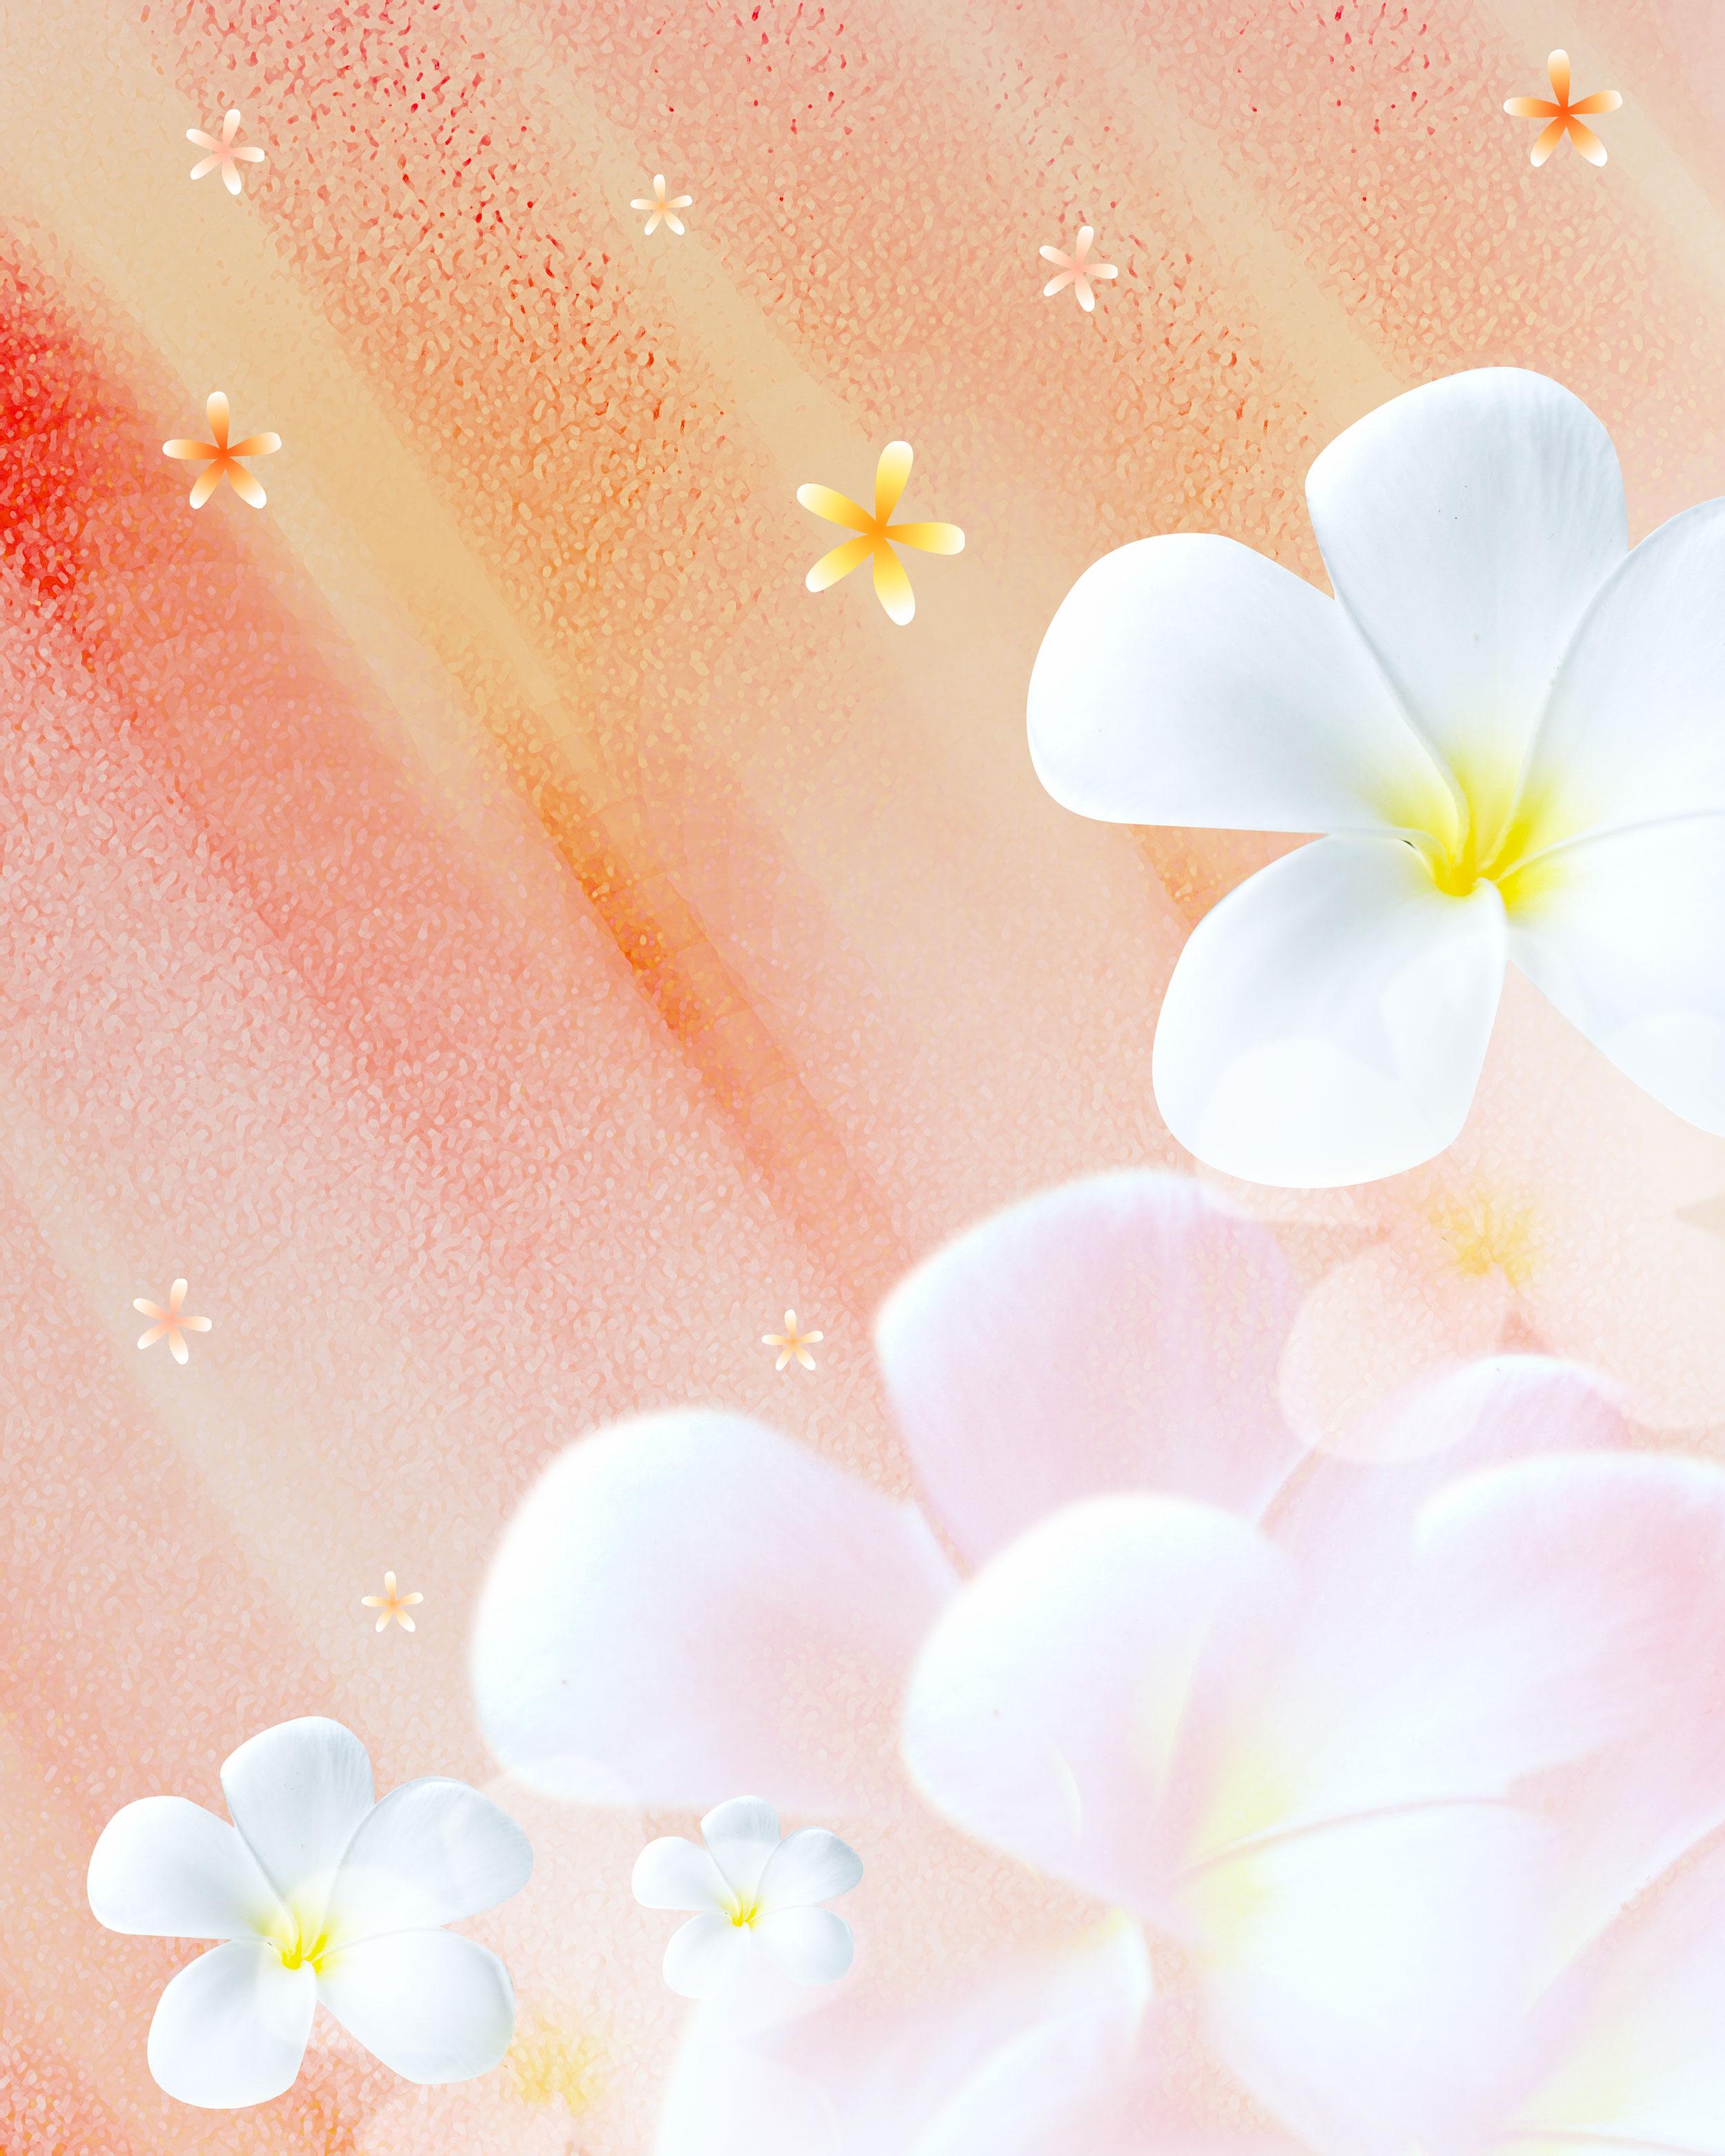 花のイラスト フリー素材 壁紙 背景no 043 白 プルメリア 淡い光彩